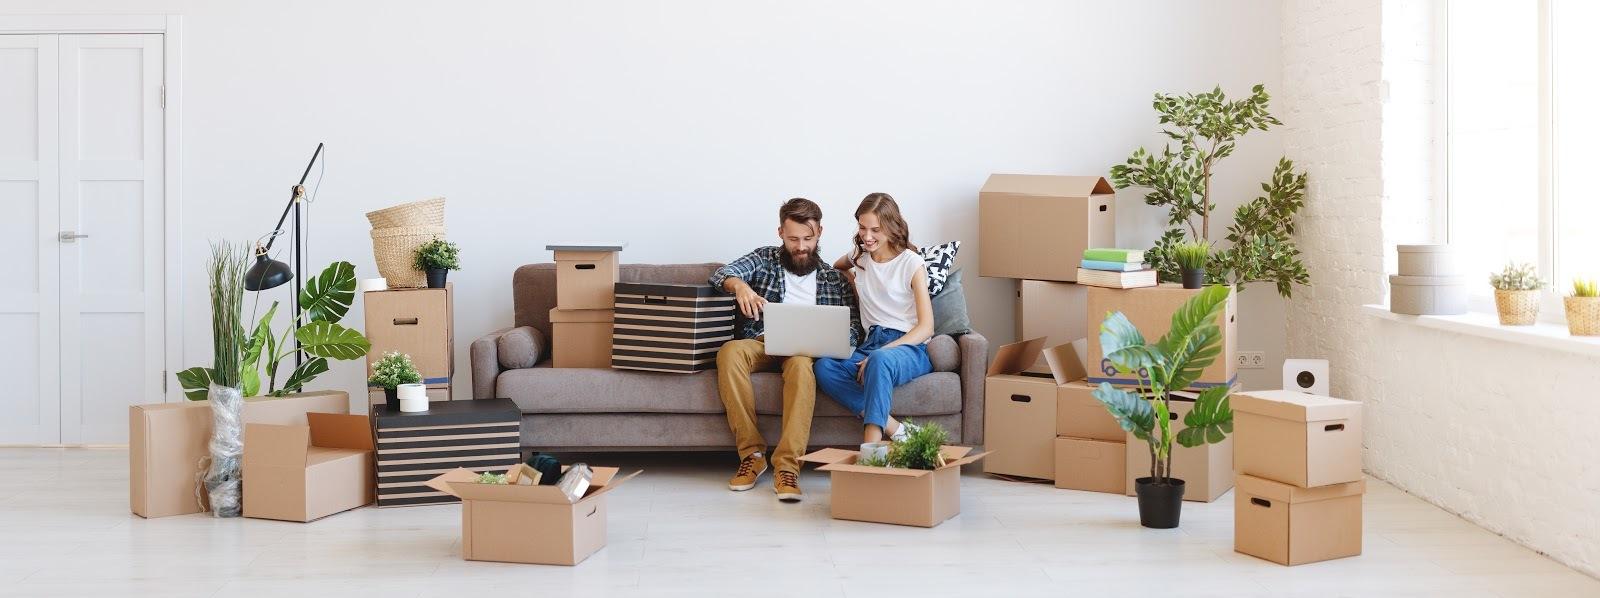 Какие могут возникнуть сложности при переезде своими силами?